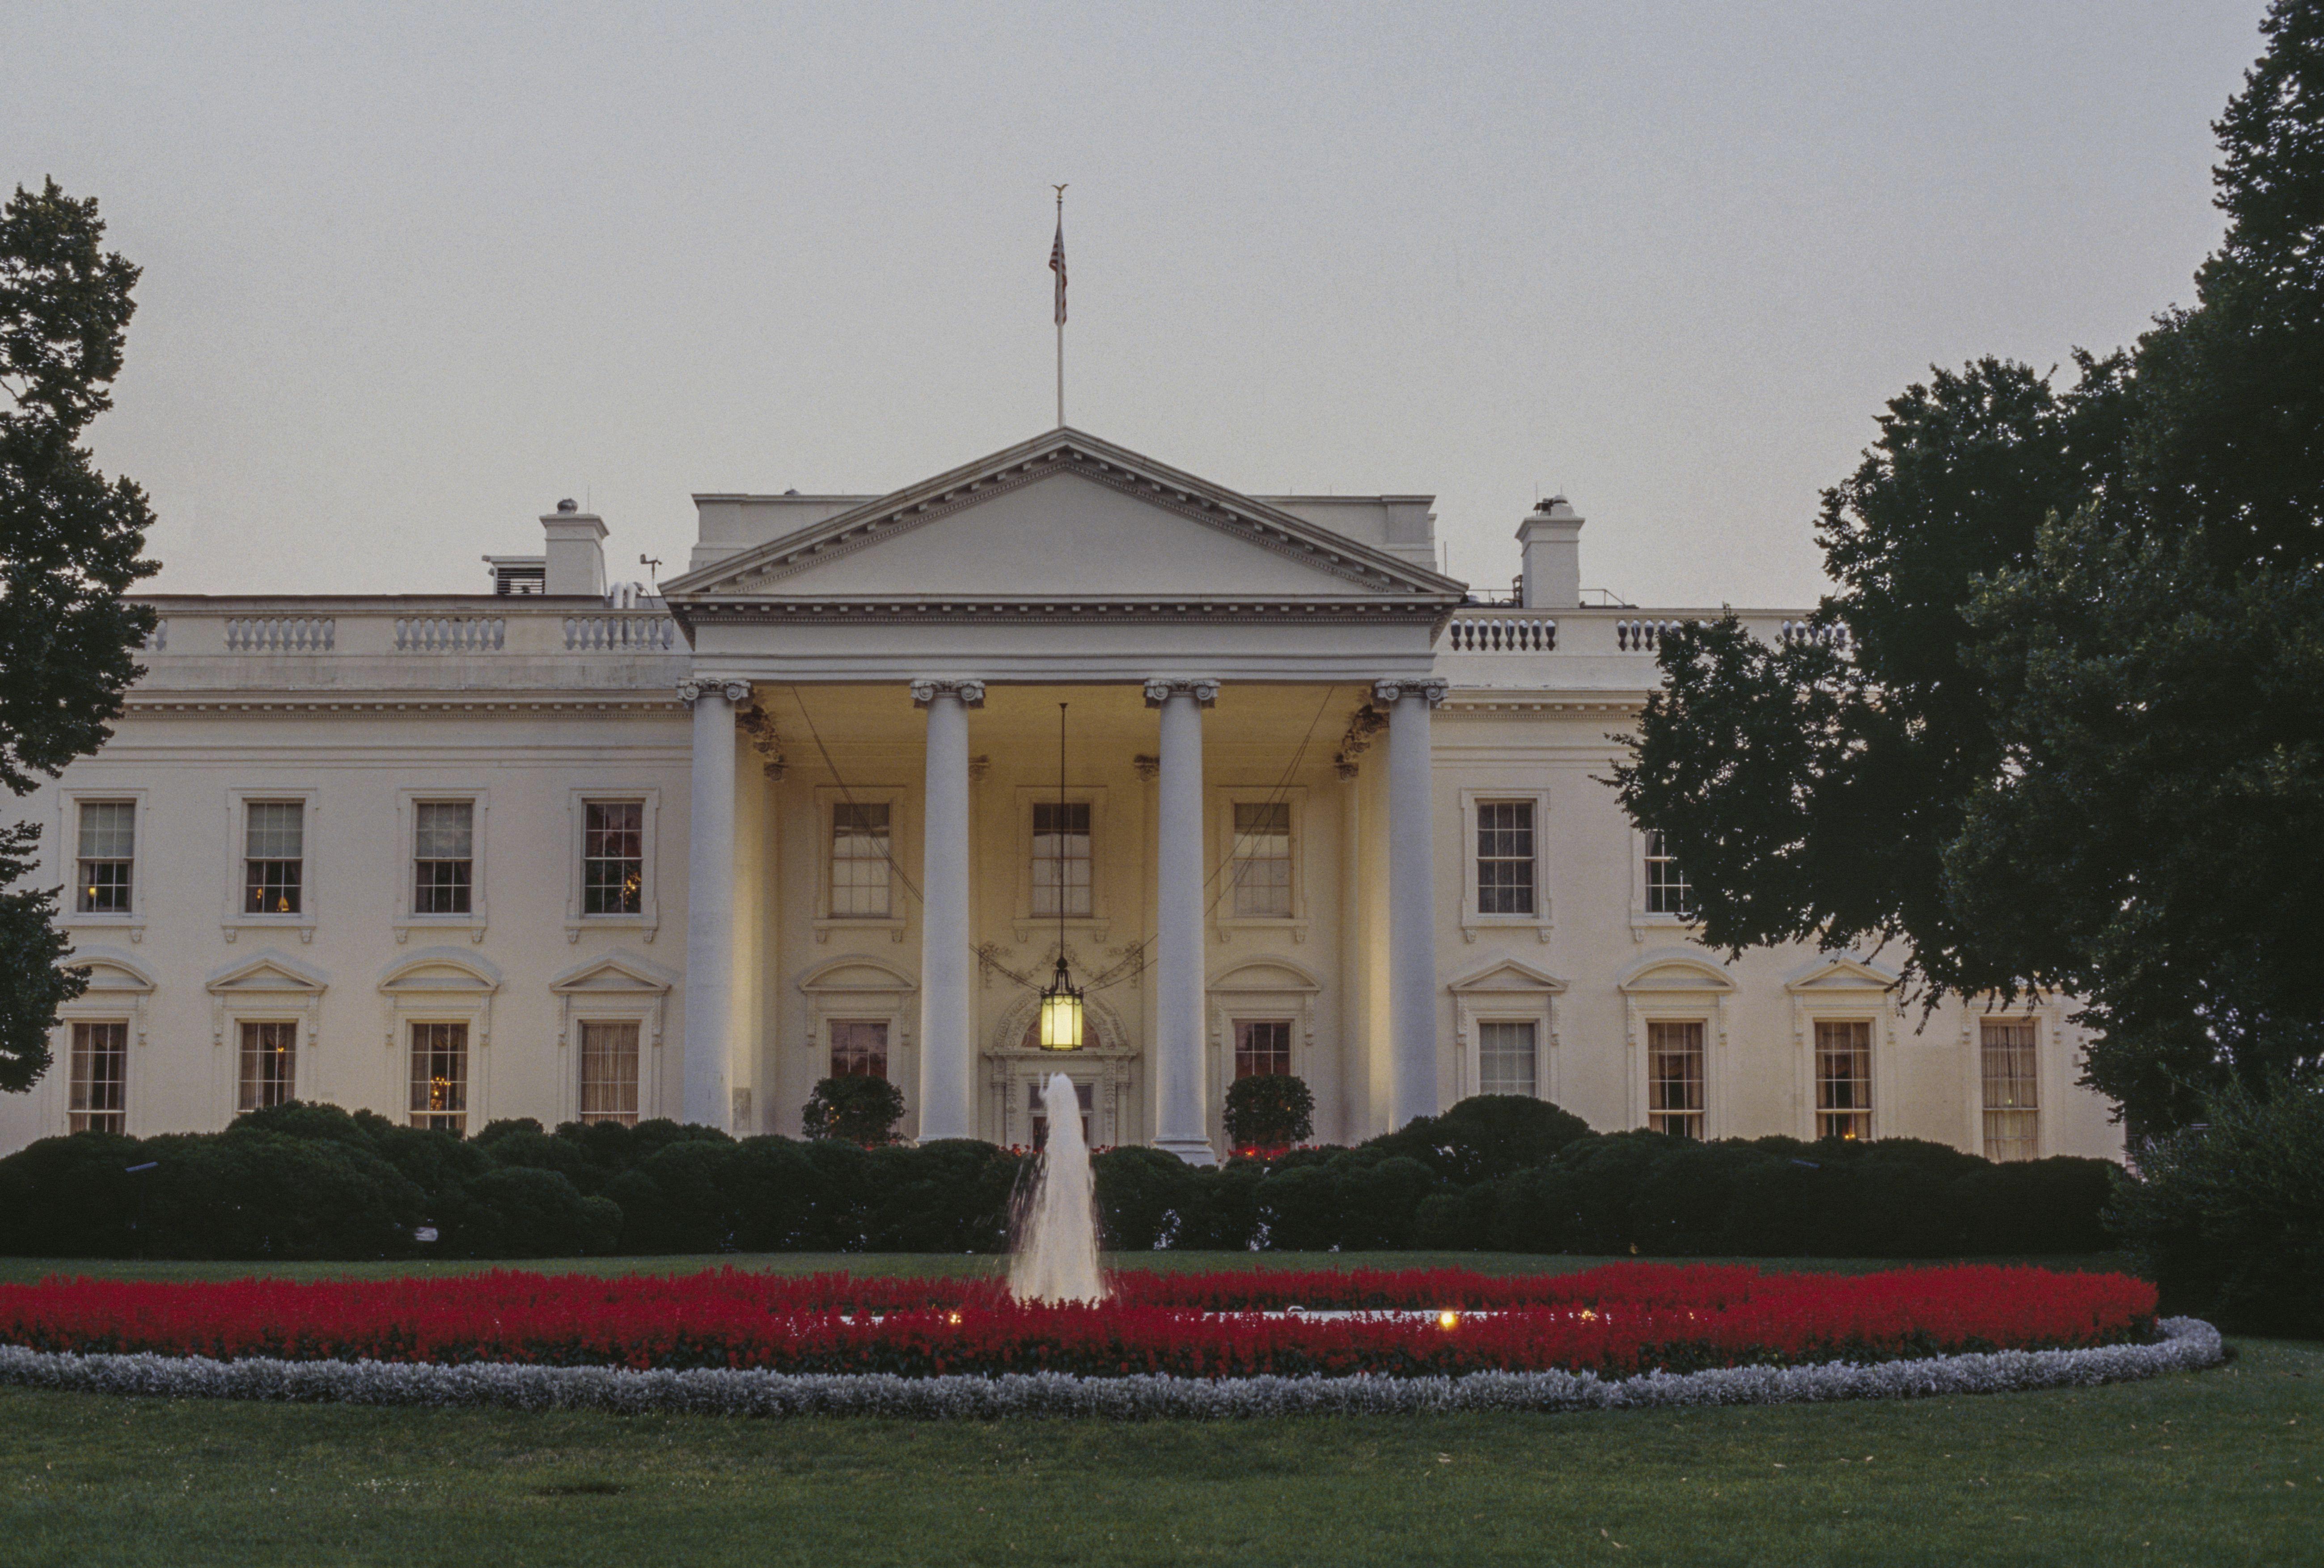 North Facade of White House, 1800, Washington DC